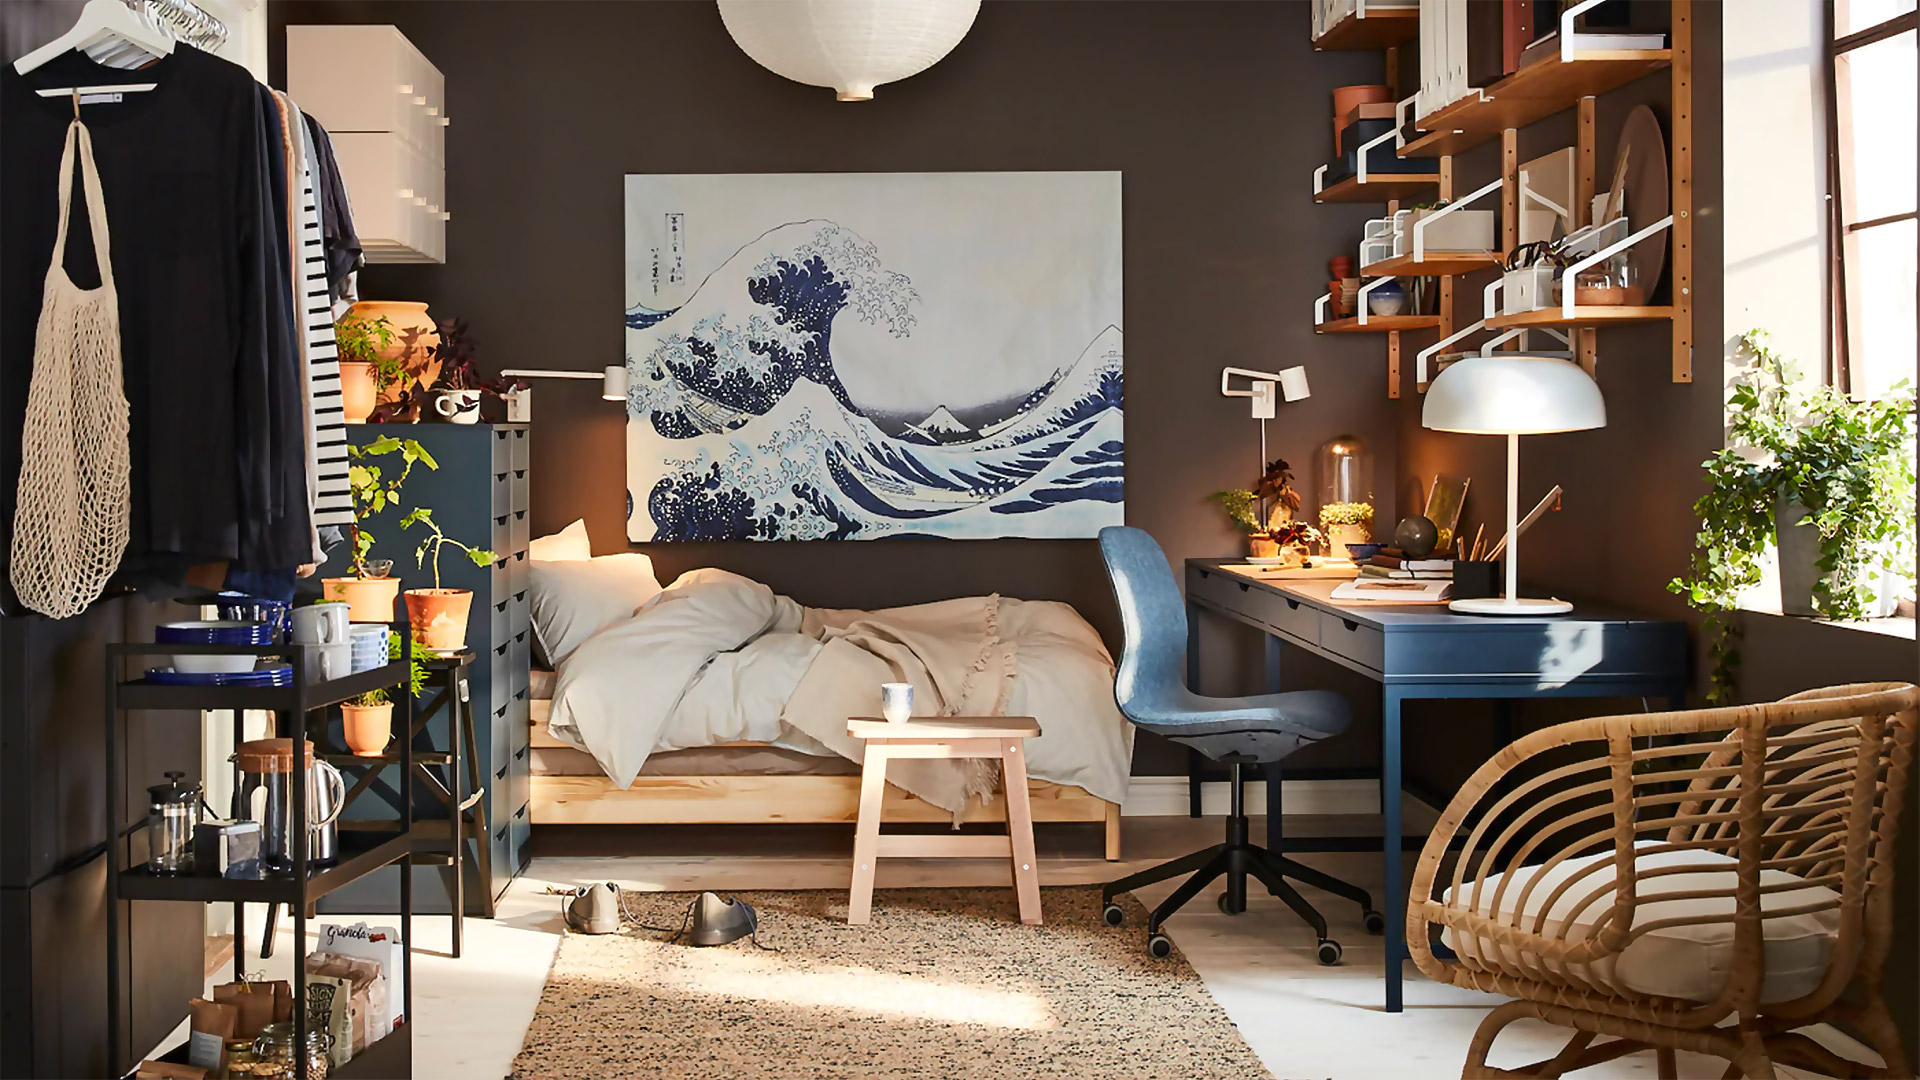 Mobili salvaspazio: arredamento smart per piccoli appartamenti